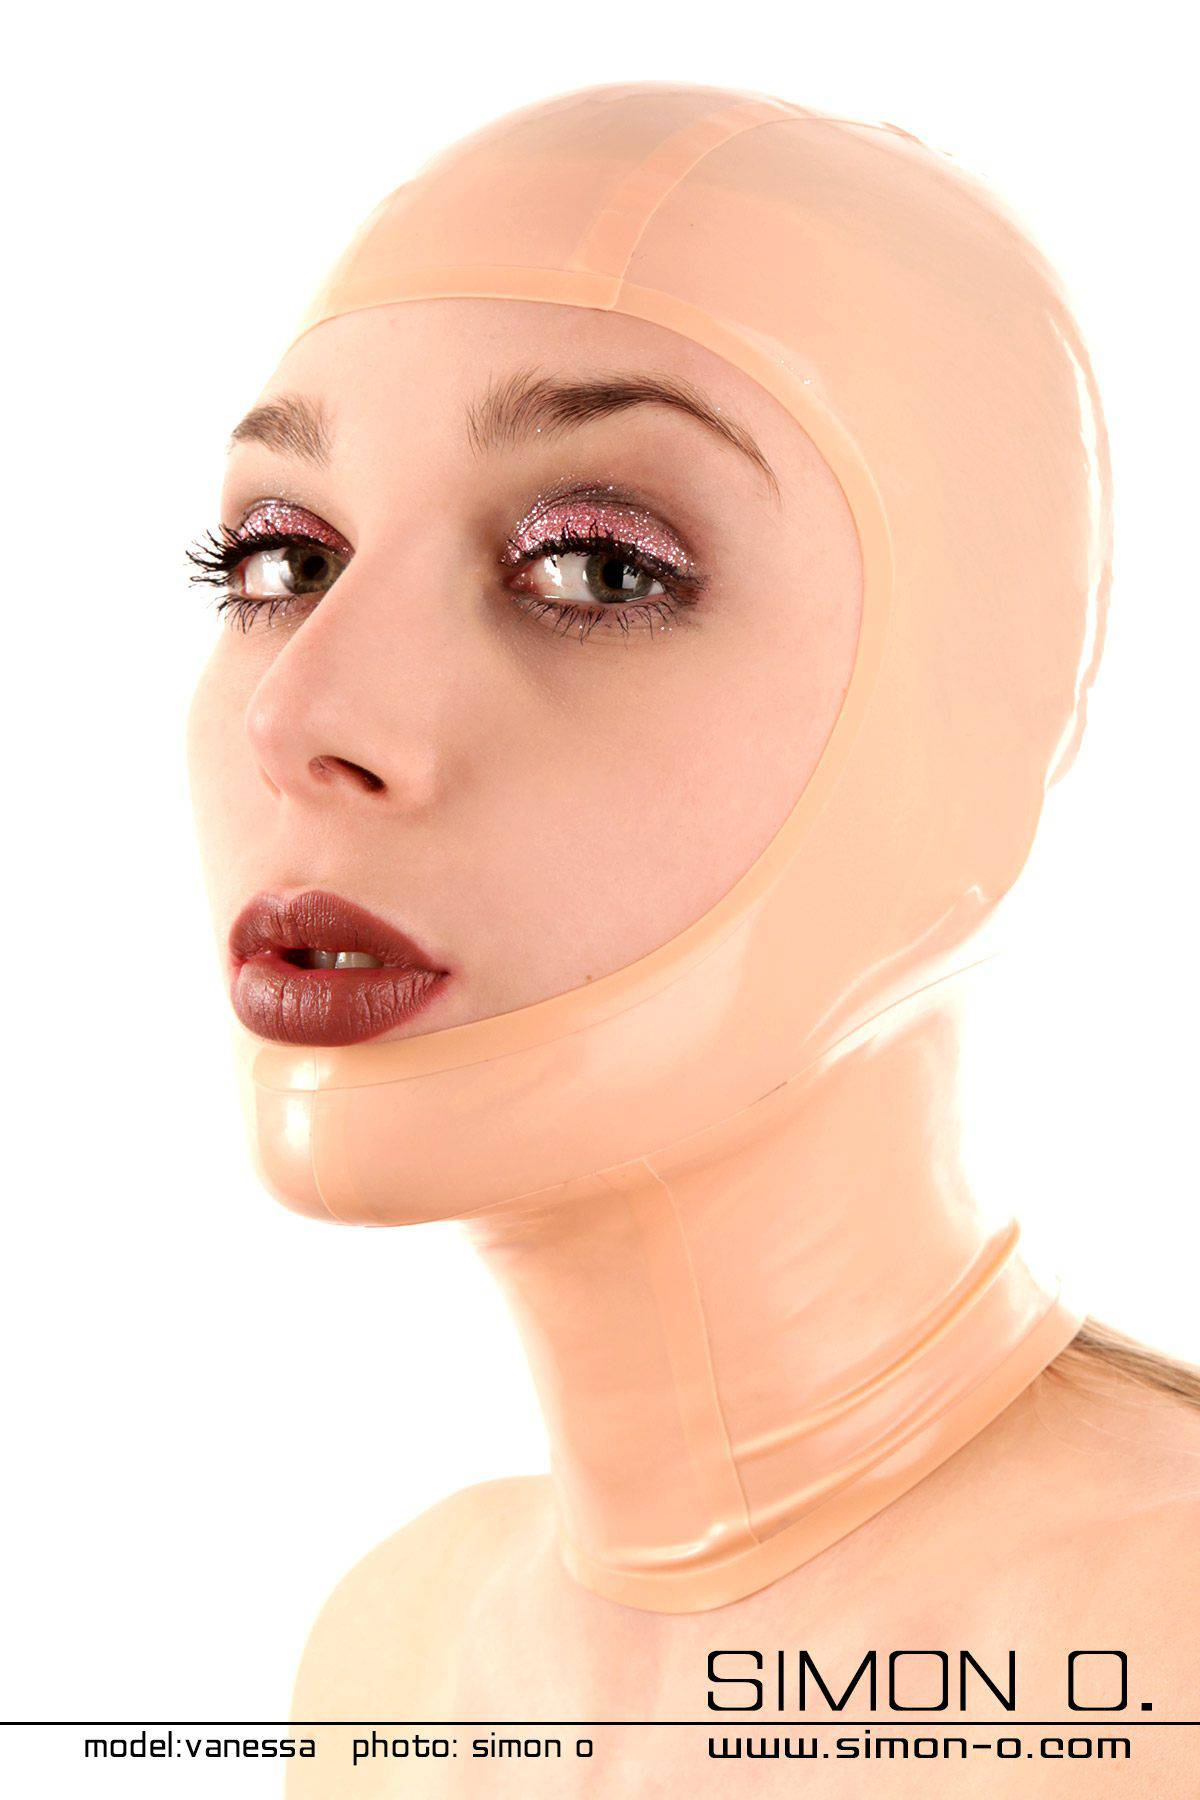 Latex Maske gesichtsoffen Sie möchten Ihren Partner in von Kopf bis Fuß in Latex gekleidet verführen. Sie möchten trotzdem aufregend geschminkt, mit langen …